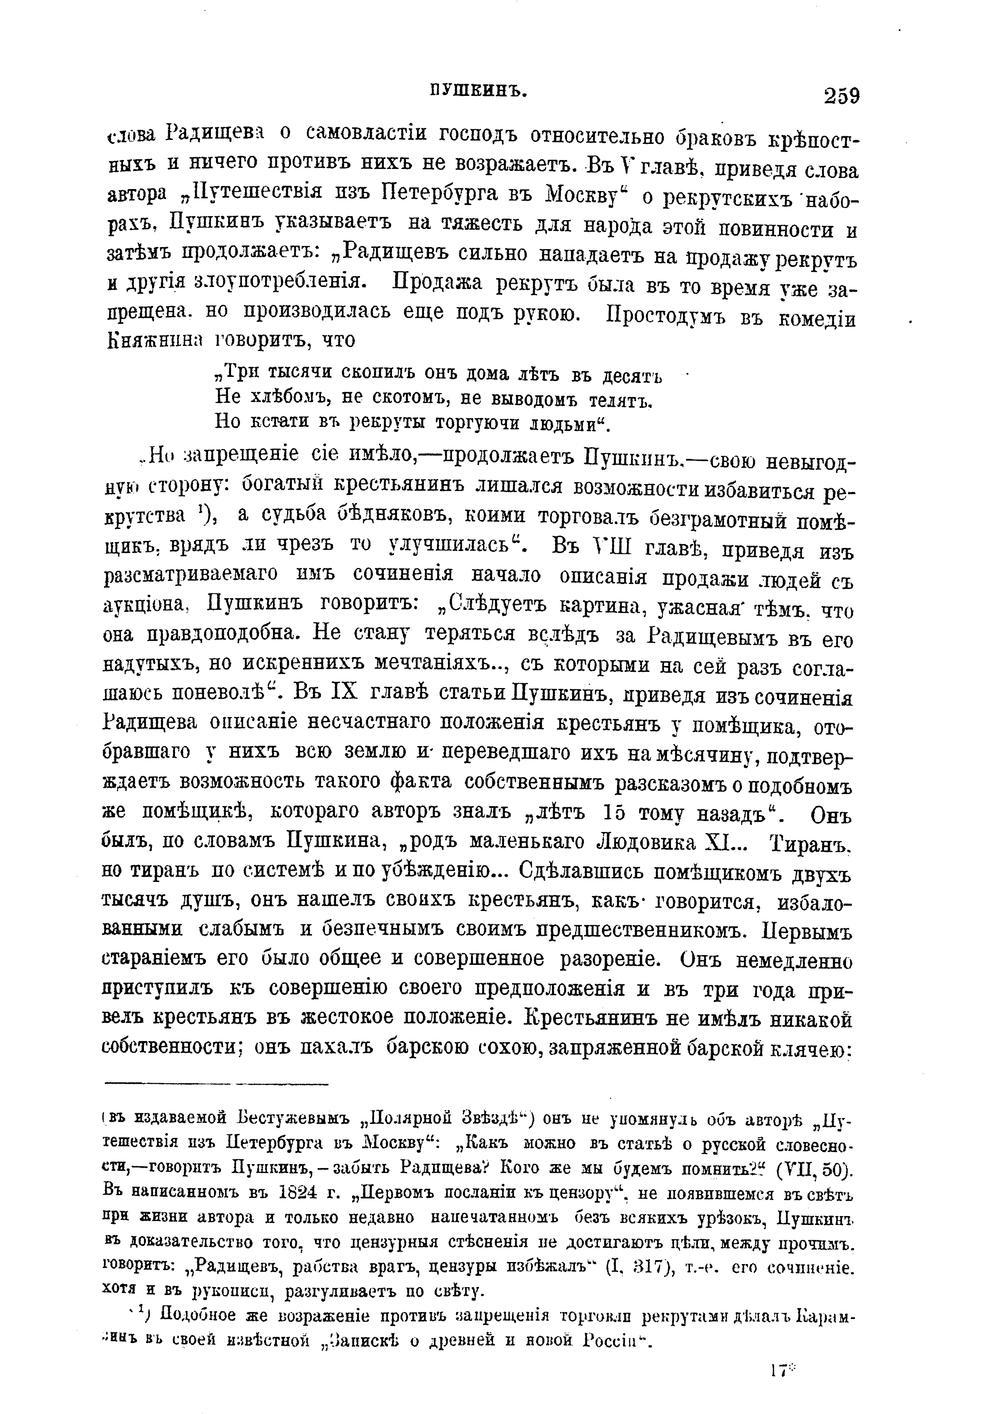 http://images.vfl.ru/ii/1386870468/5b1e7b30/3743635.jpg